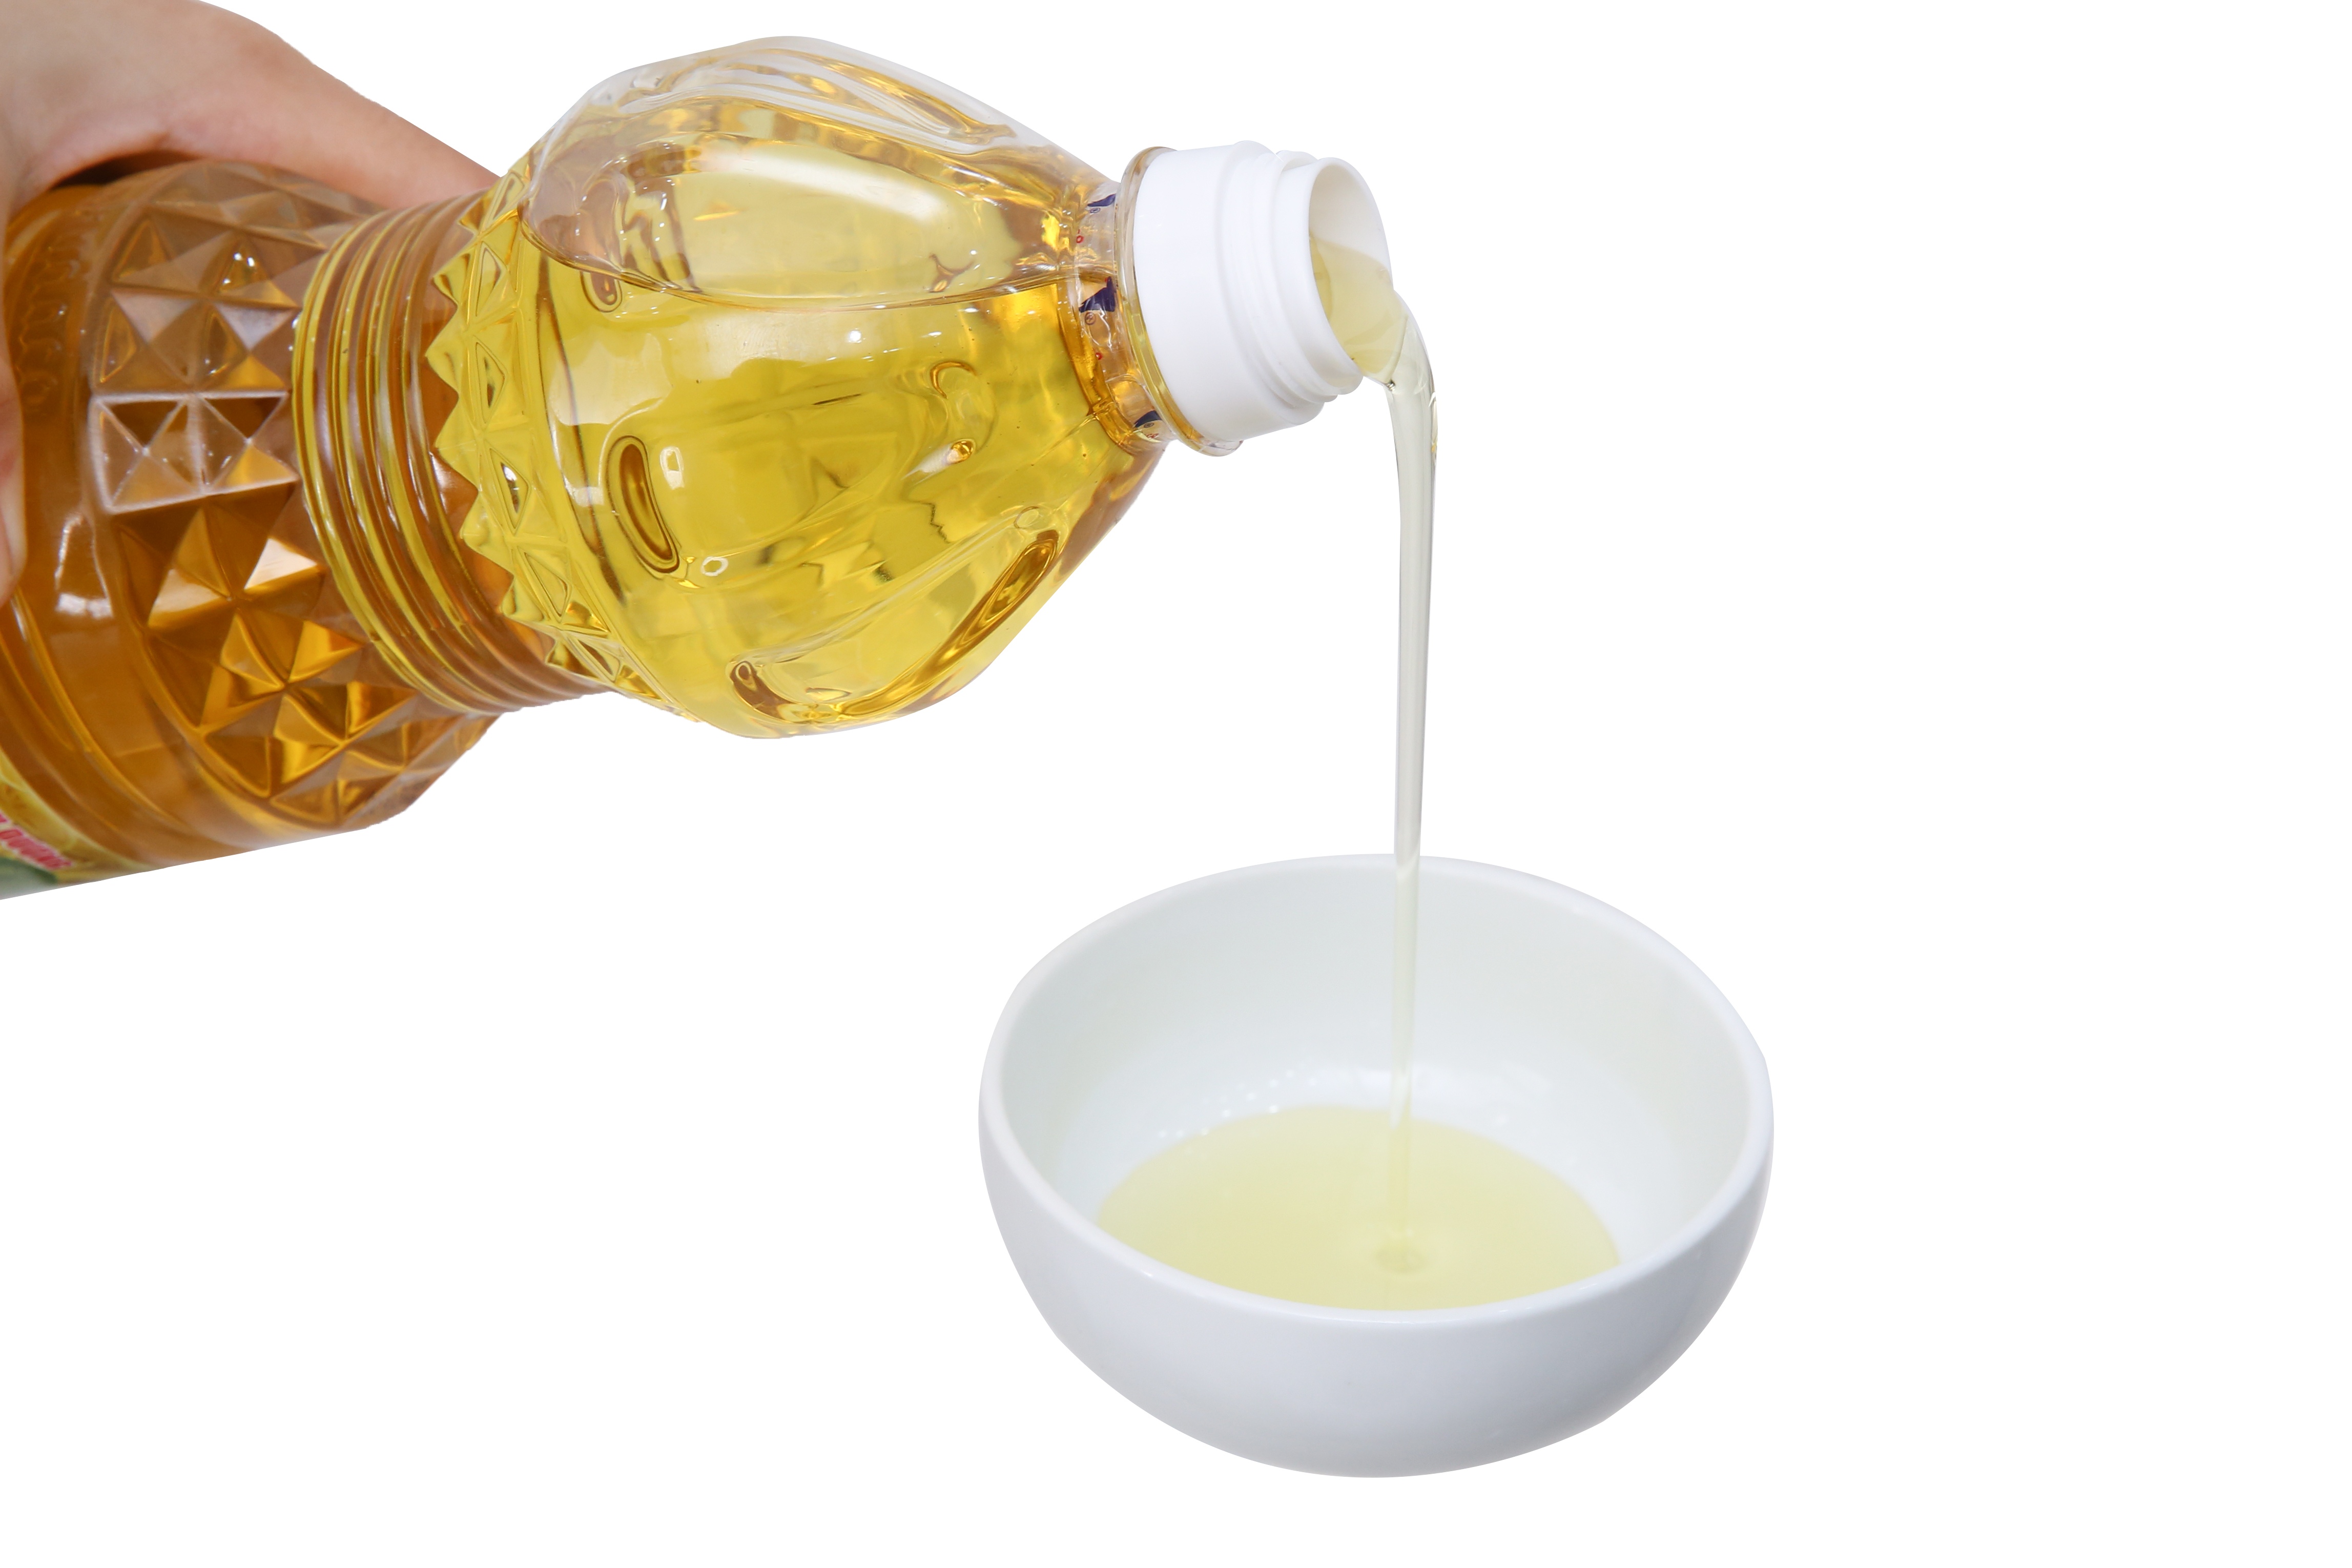 Dầu thực vật Tường An Cooking oil bình 5 lít 4